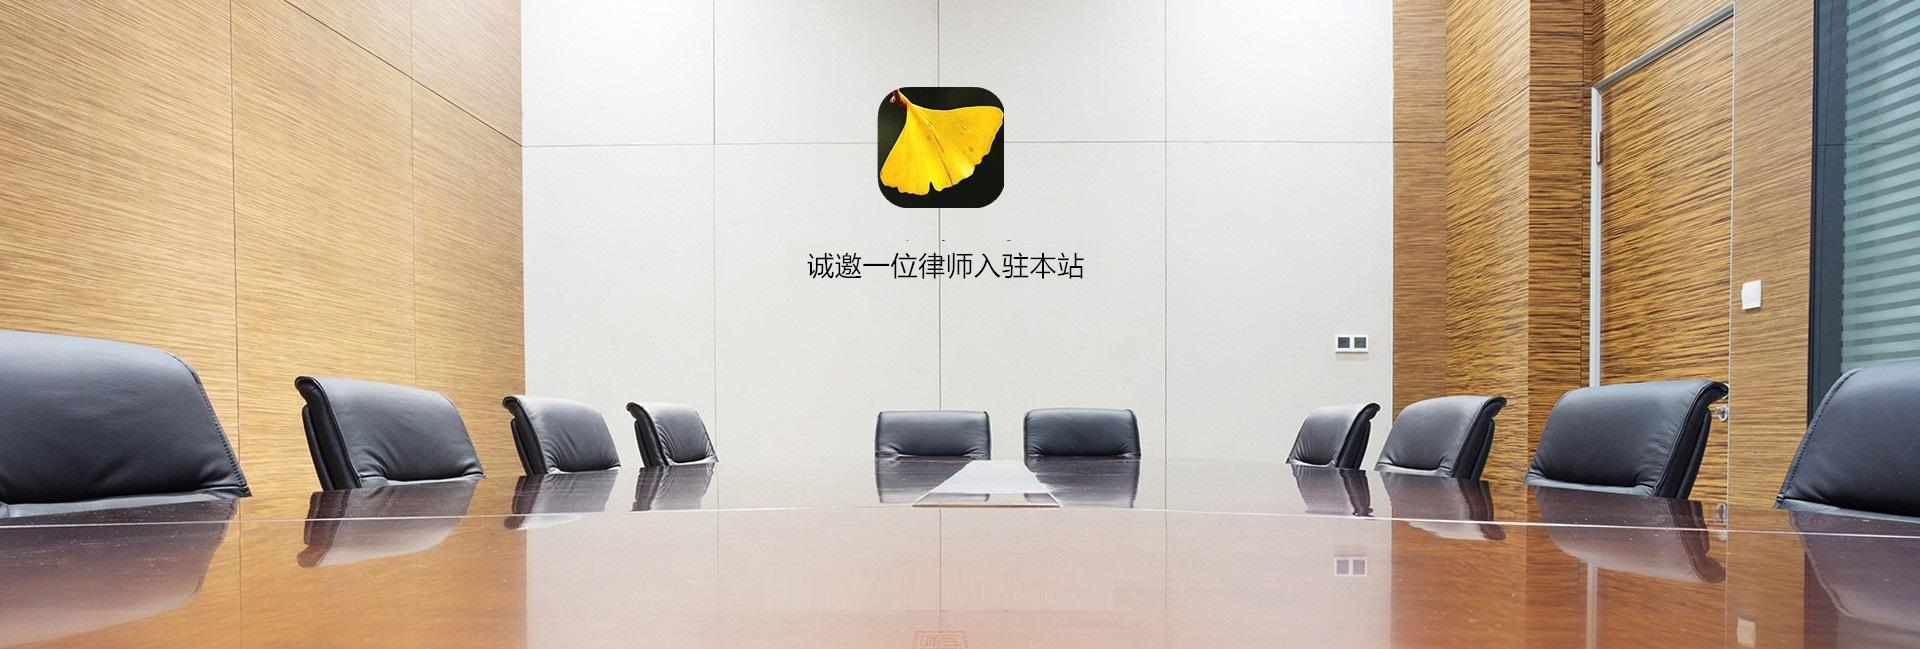 太原交通事故律师大图二